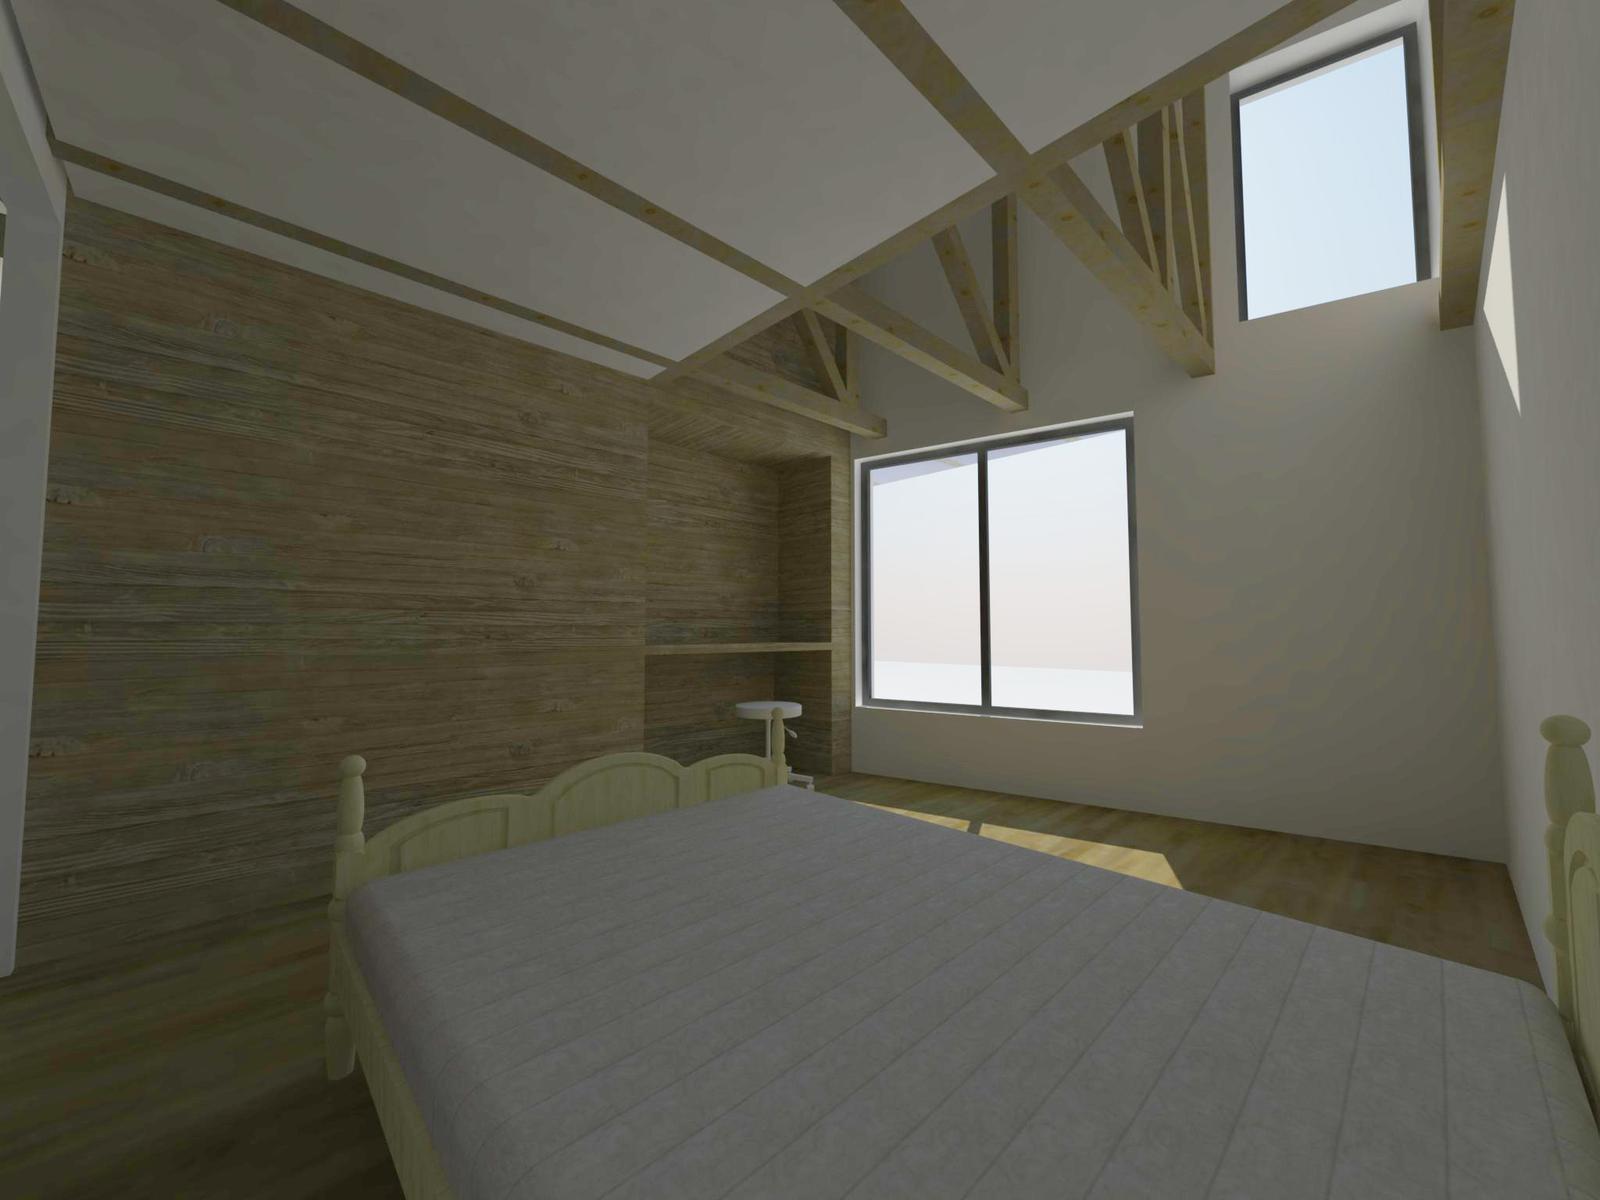 bungalof pri ceresni - Obrázok č. 8